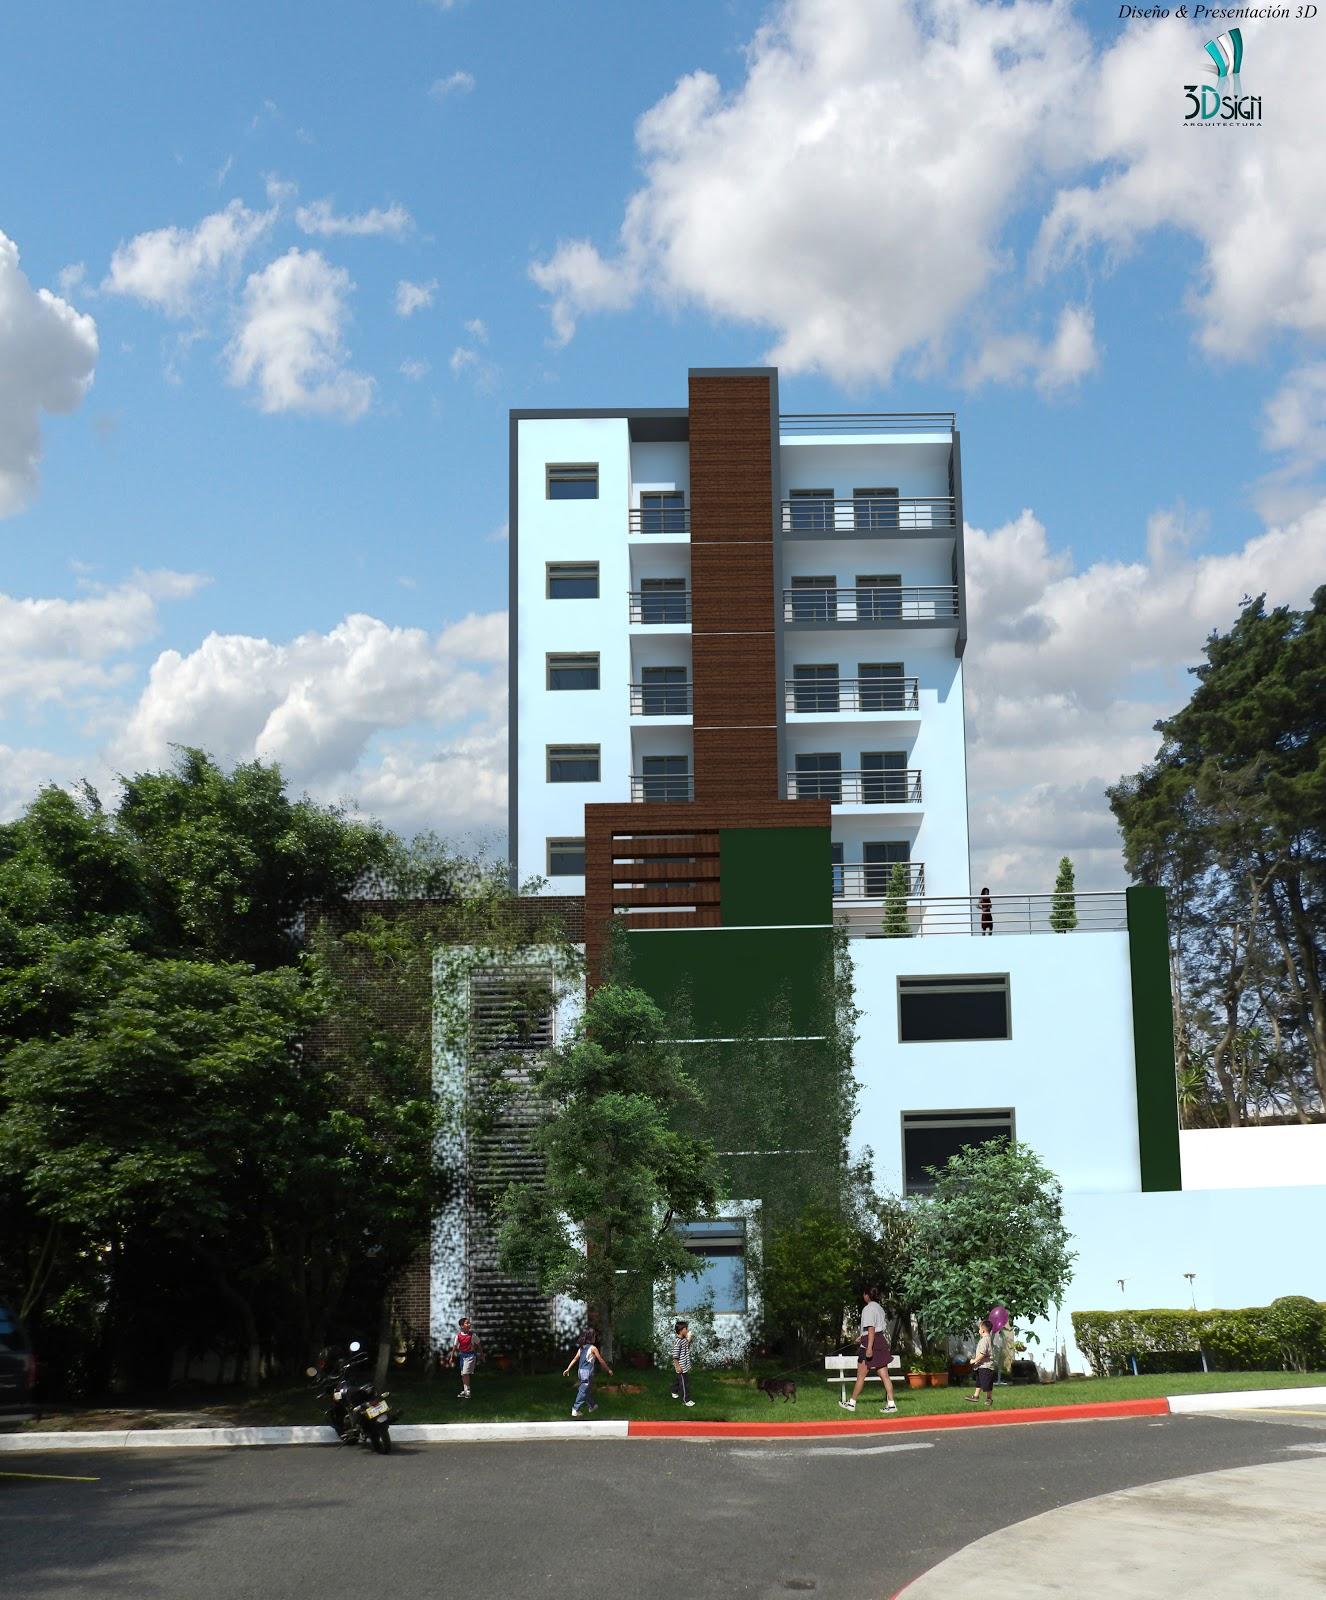 Disenos De Casas En Guatemala: Arquitectura, Diseño, Planificación, Presentación 3D